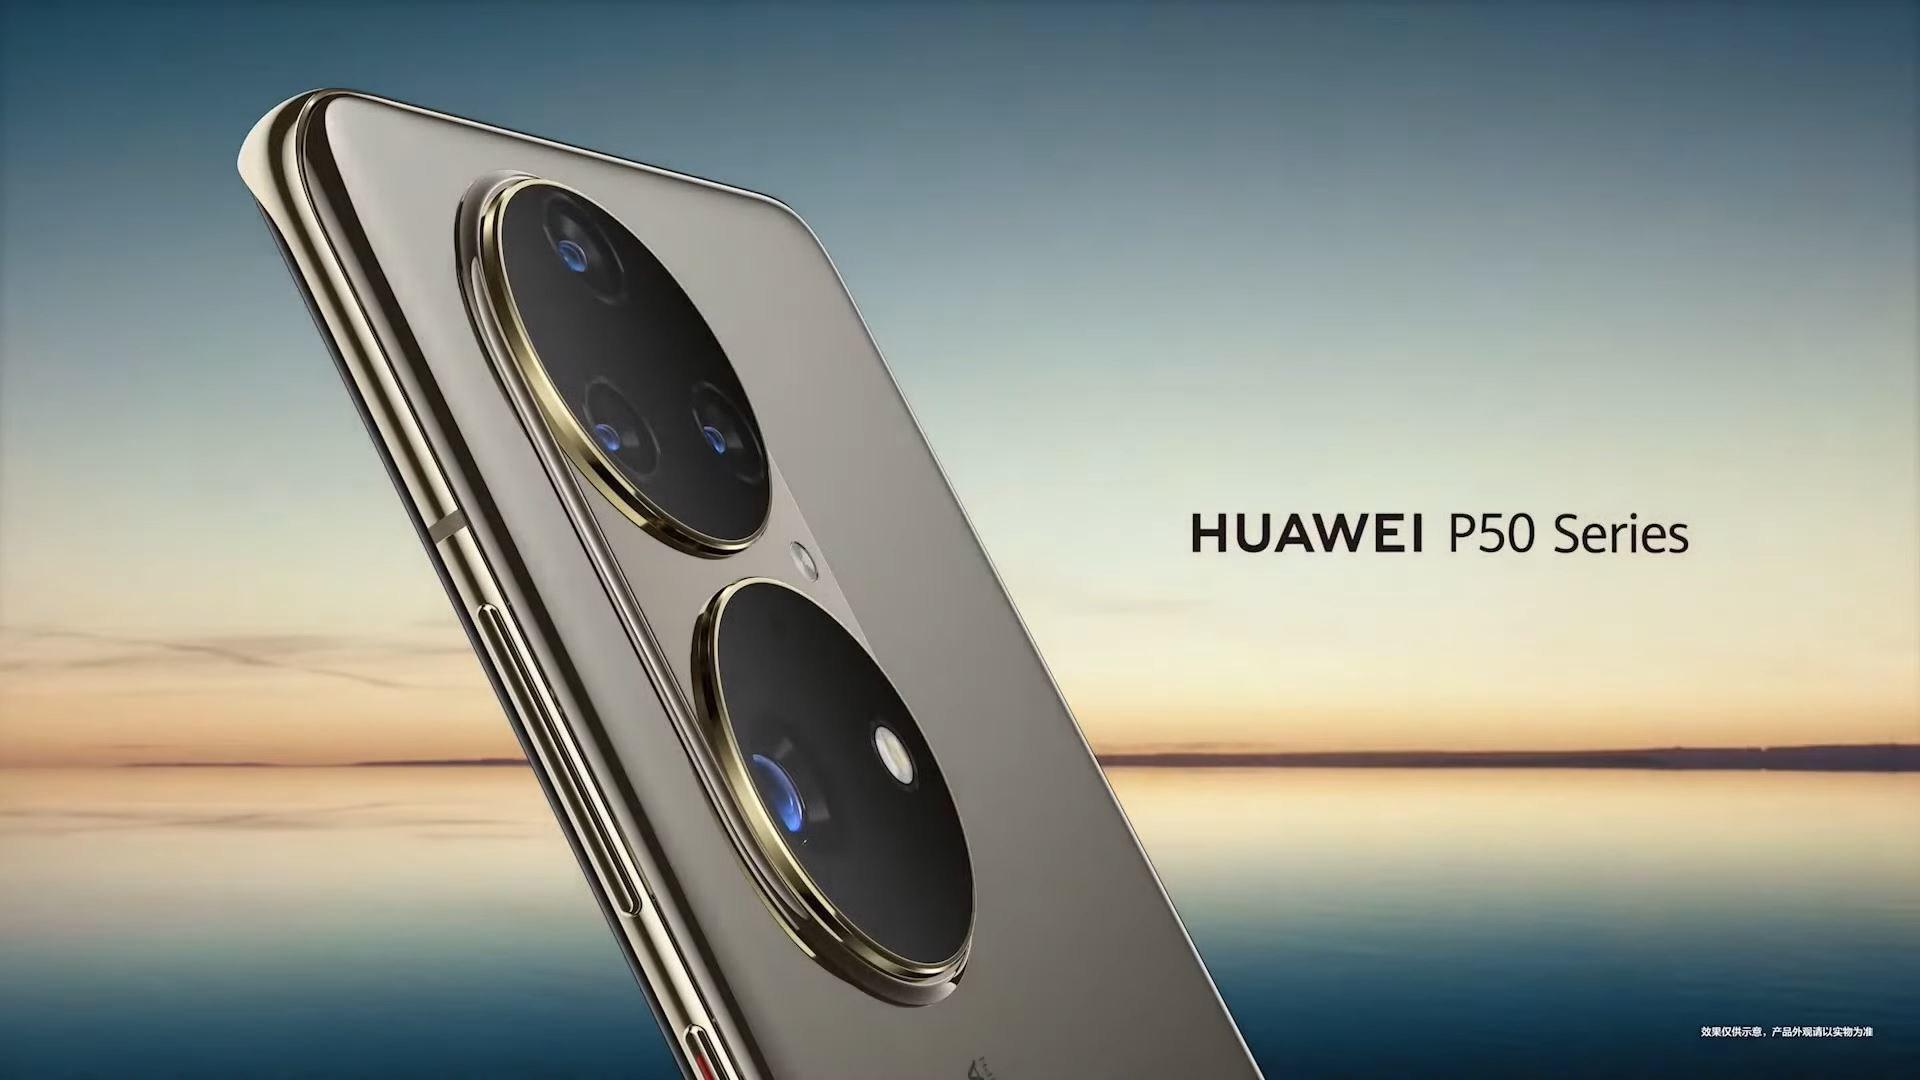 Smartphone, Huawei, Huawei P50, Huawei P50 Pro